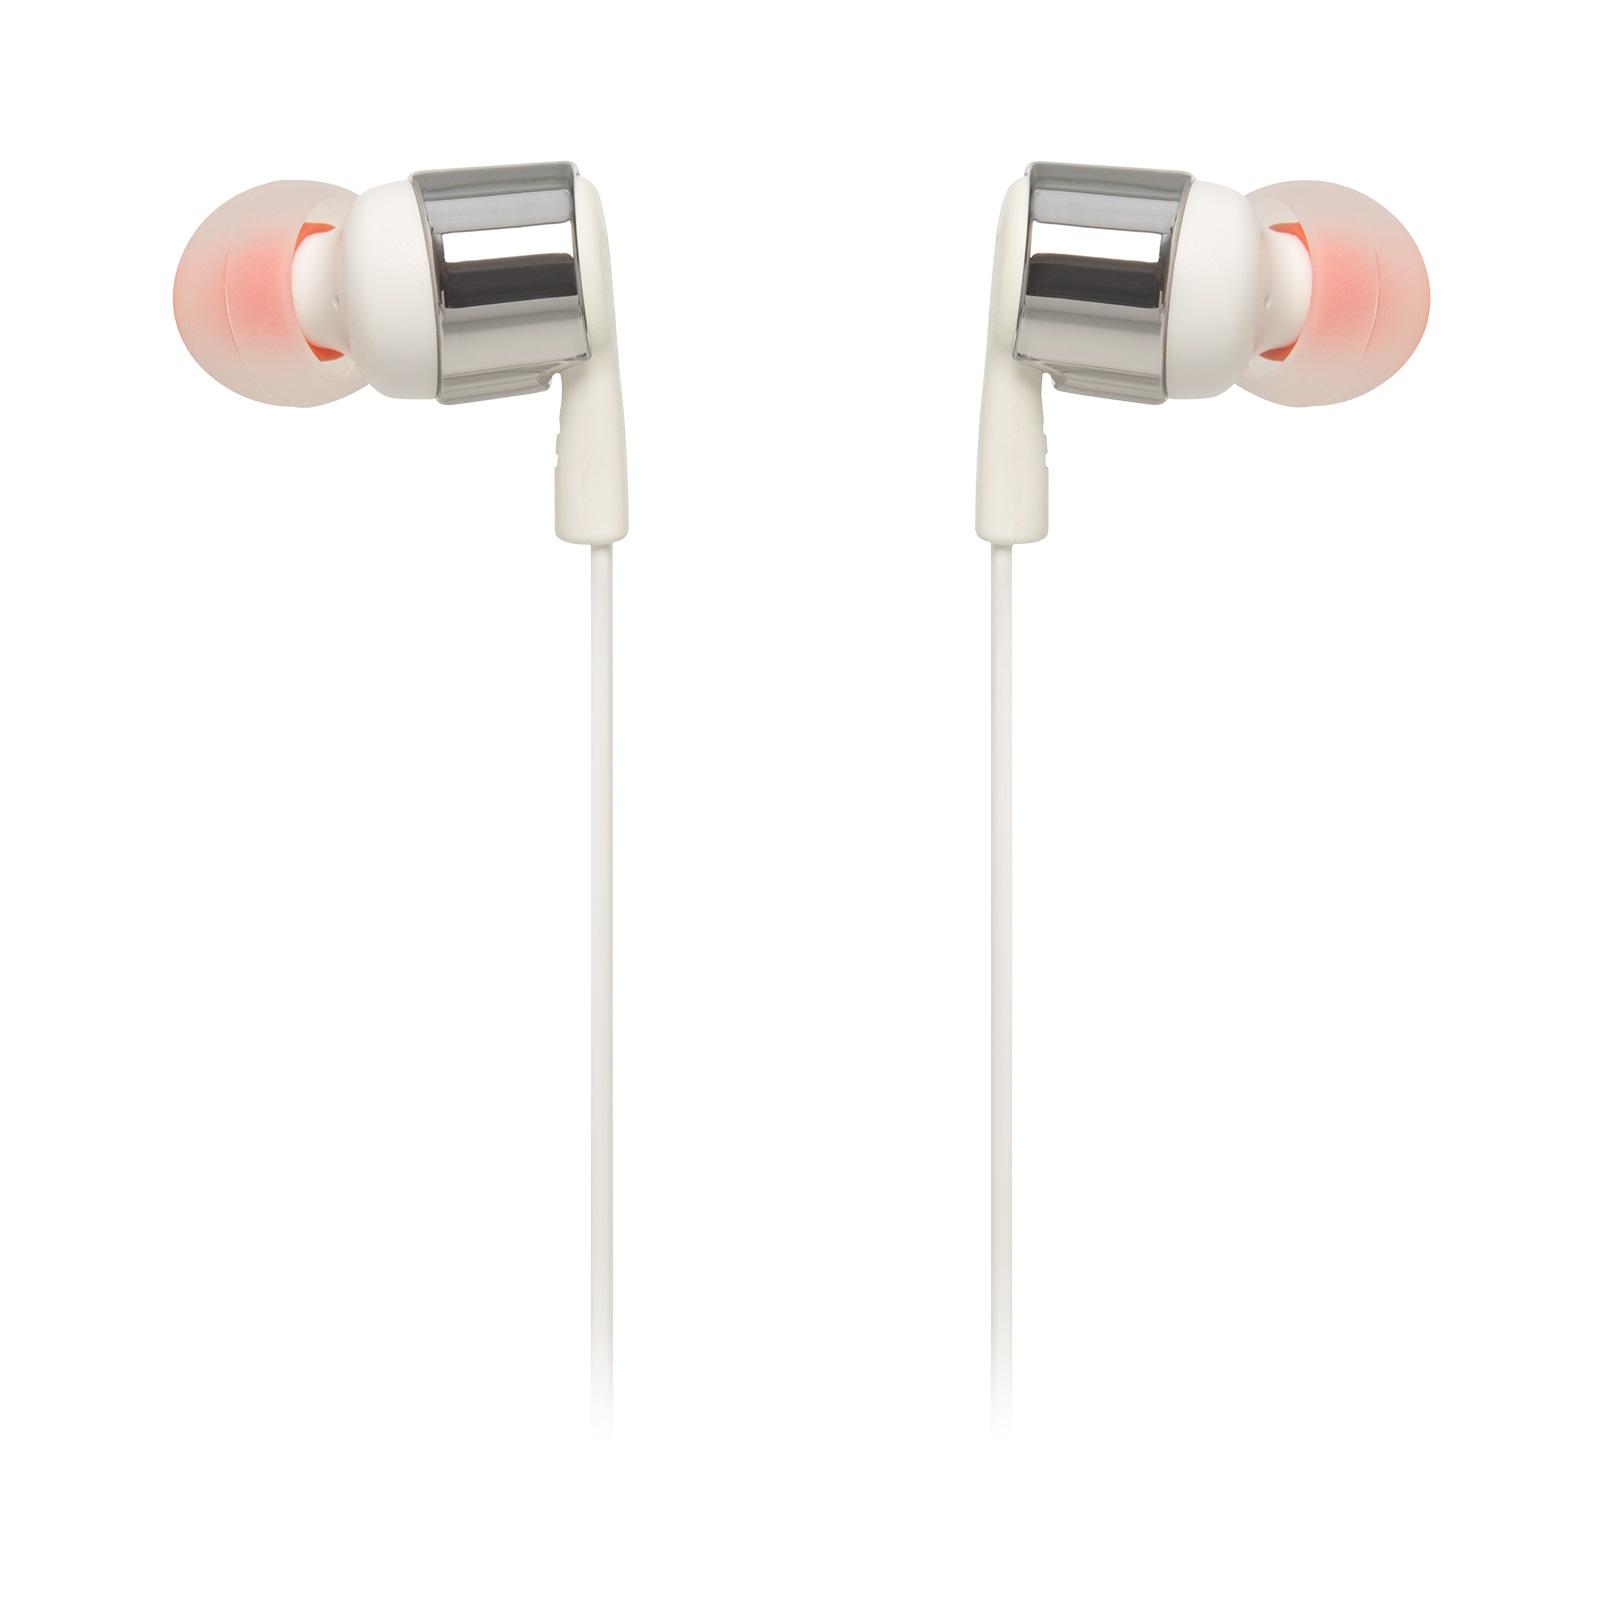 JBL-T210-In-Ear-Wired-Headphone-Earphones-Metallic-Finish thumbnail 6